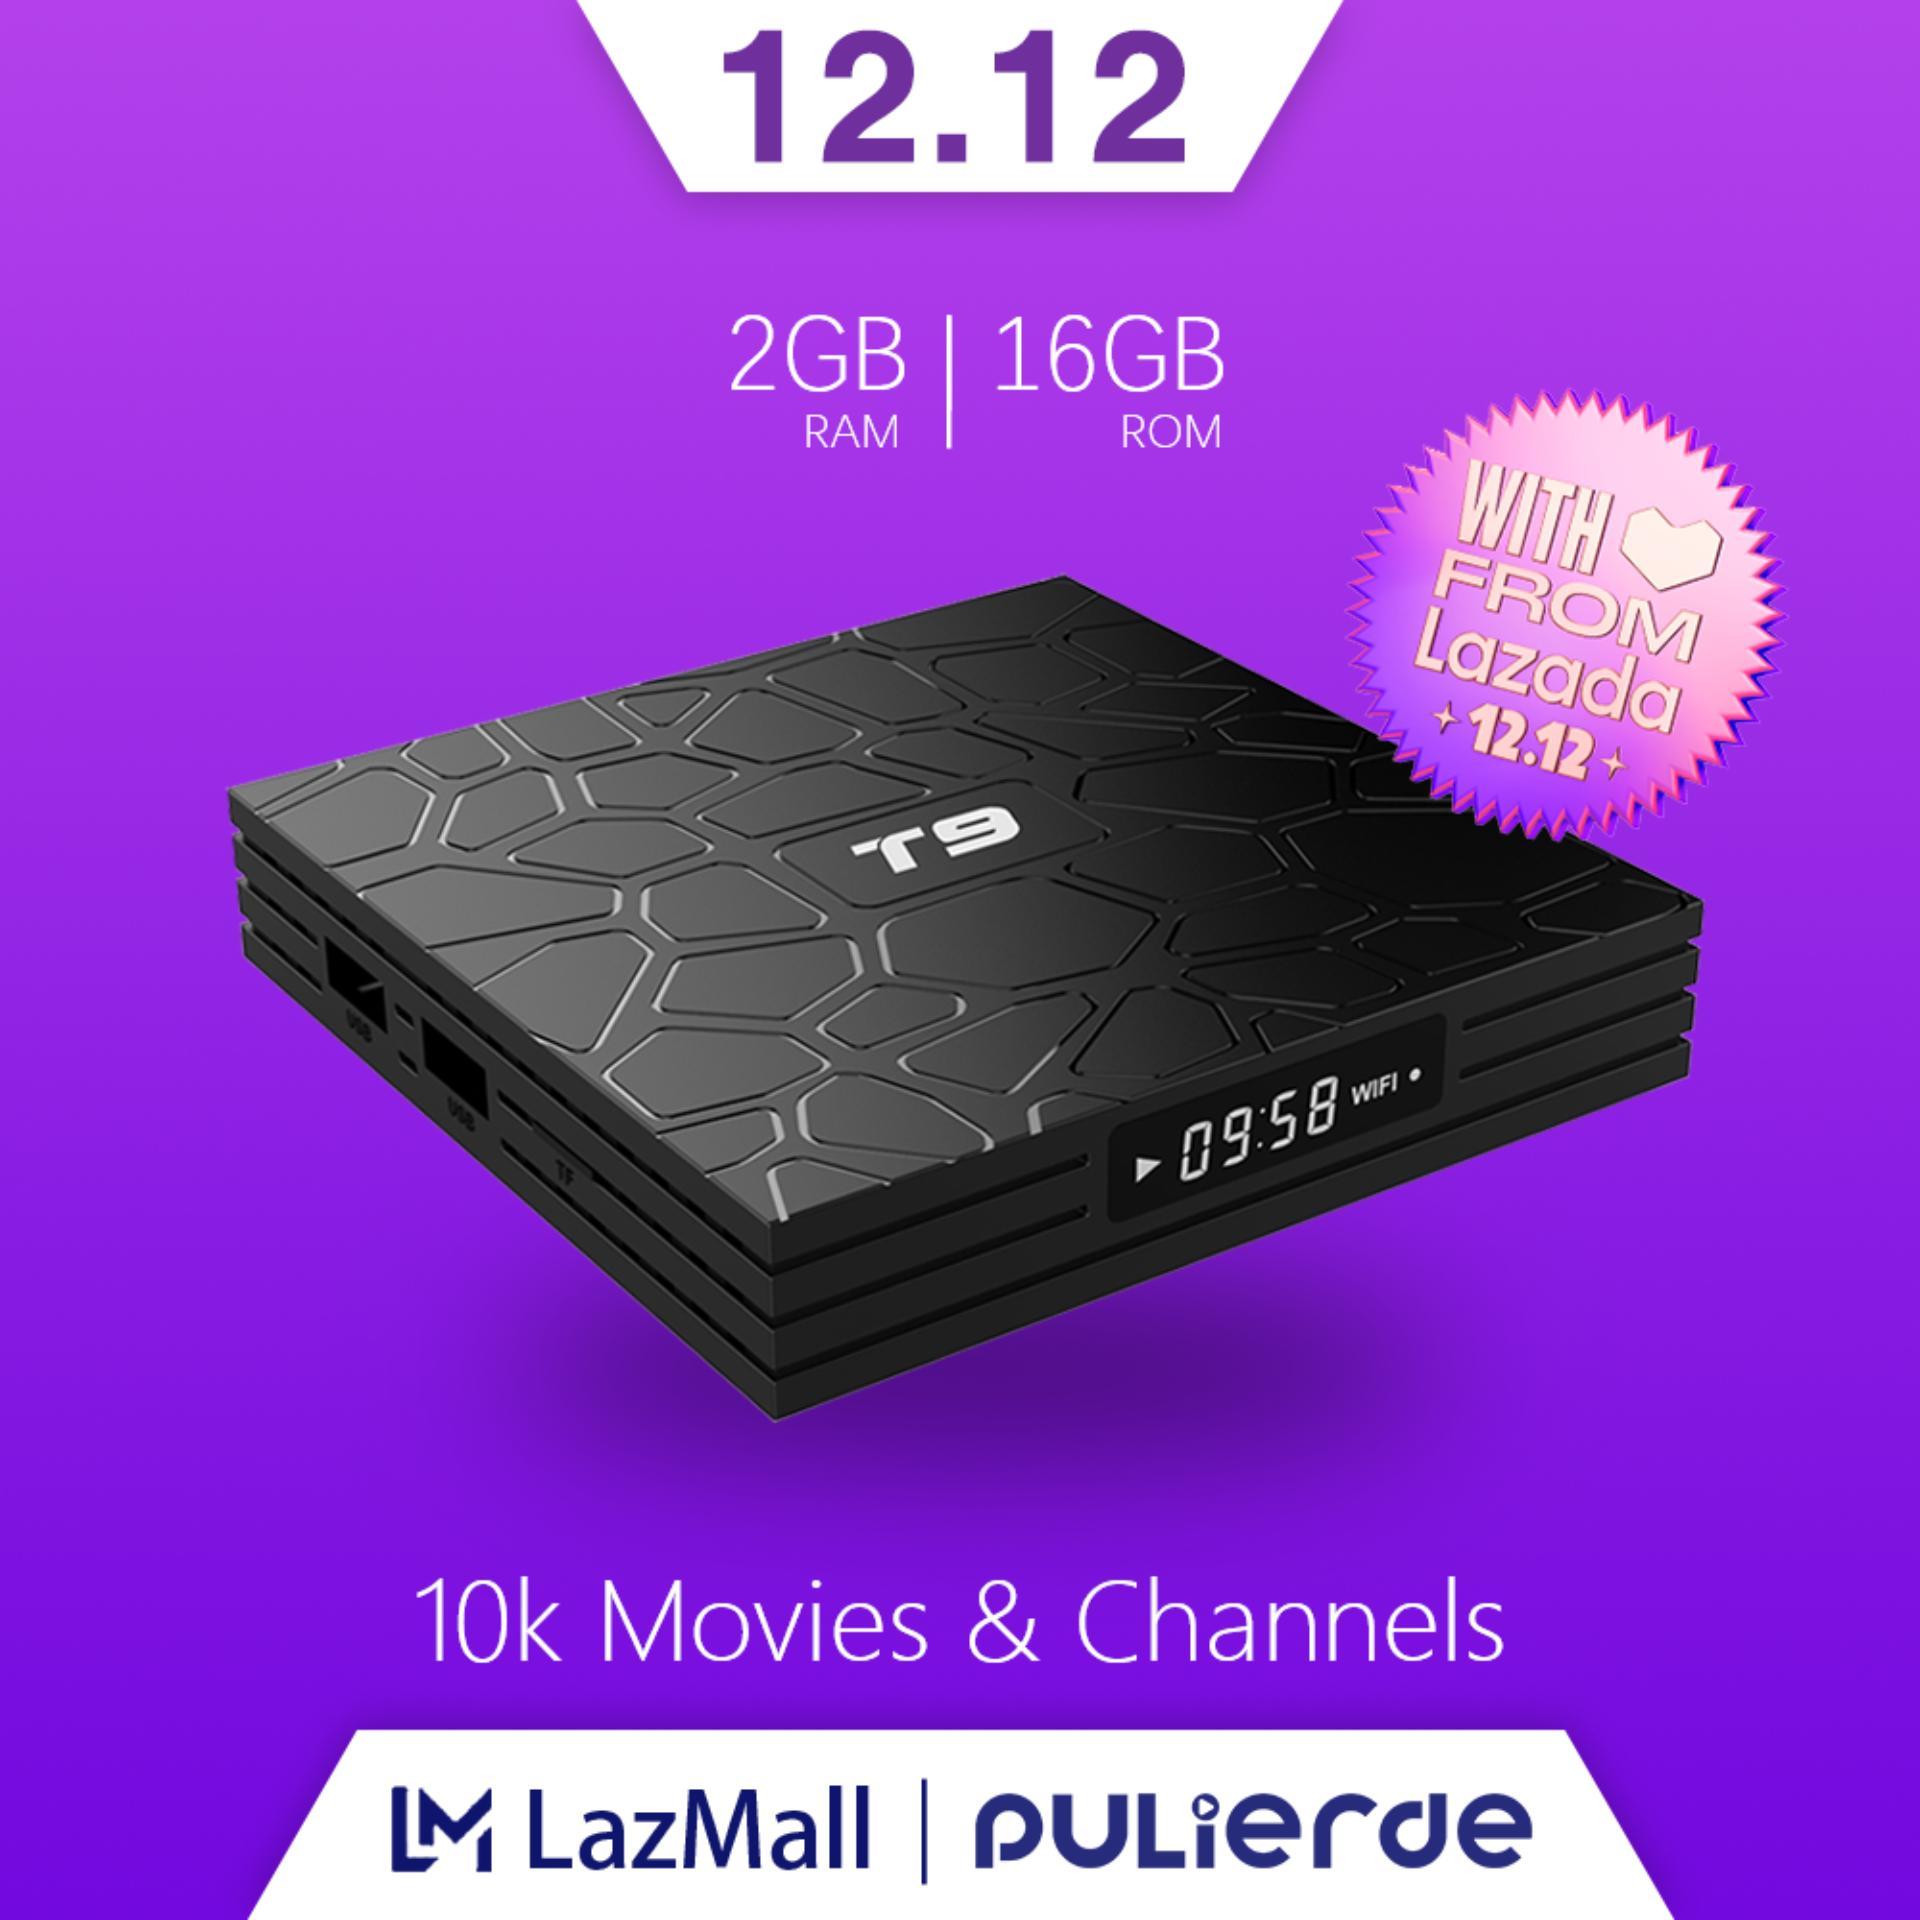 Giá Tiết Kiệm Khi Sở Hữu T9 Tivi Box Android 9.0 4GB RAM 32GB/64GB ROM 5GHz Wifi RK3318 Hỗ Trợ Bluetooth 4K Smart TV Box Media Player